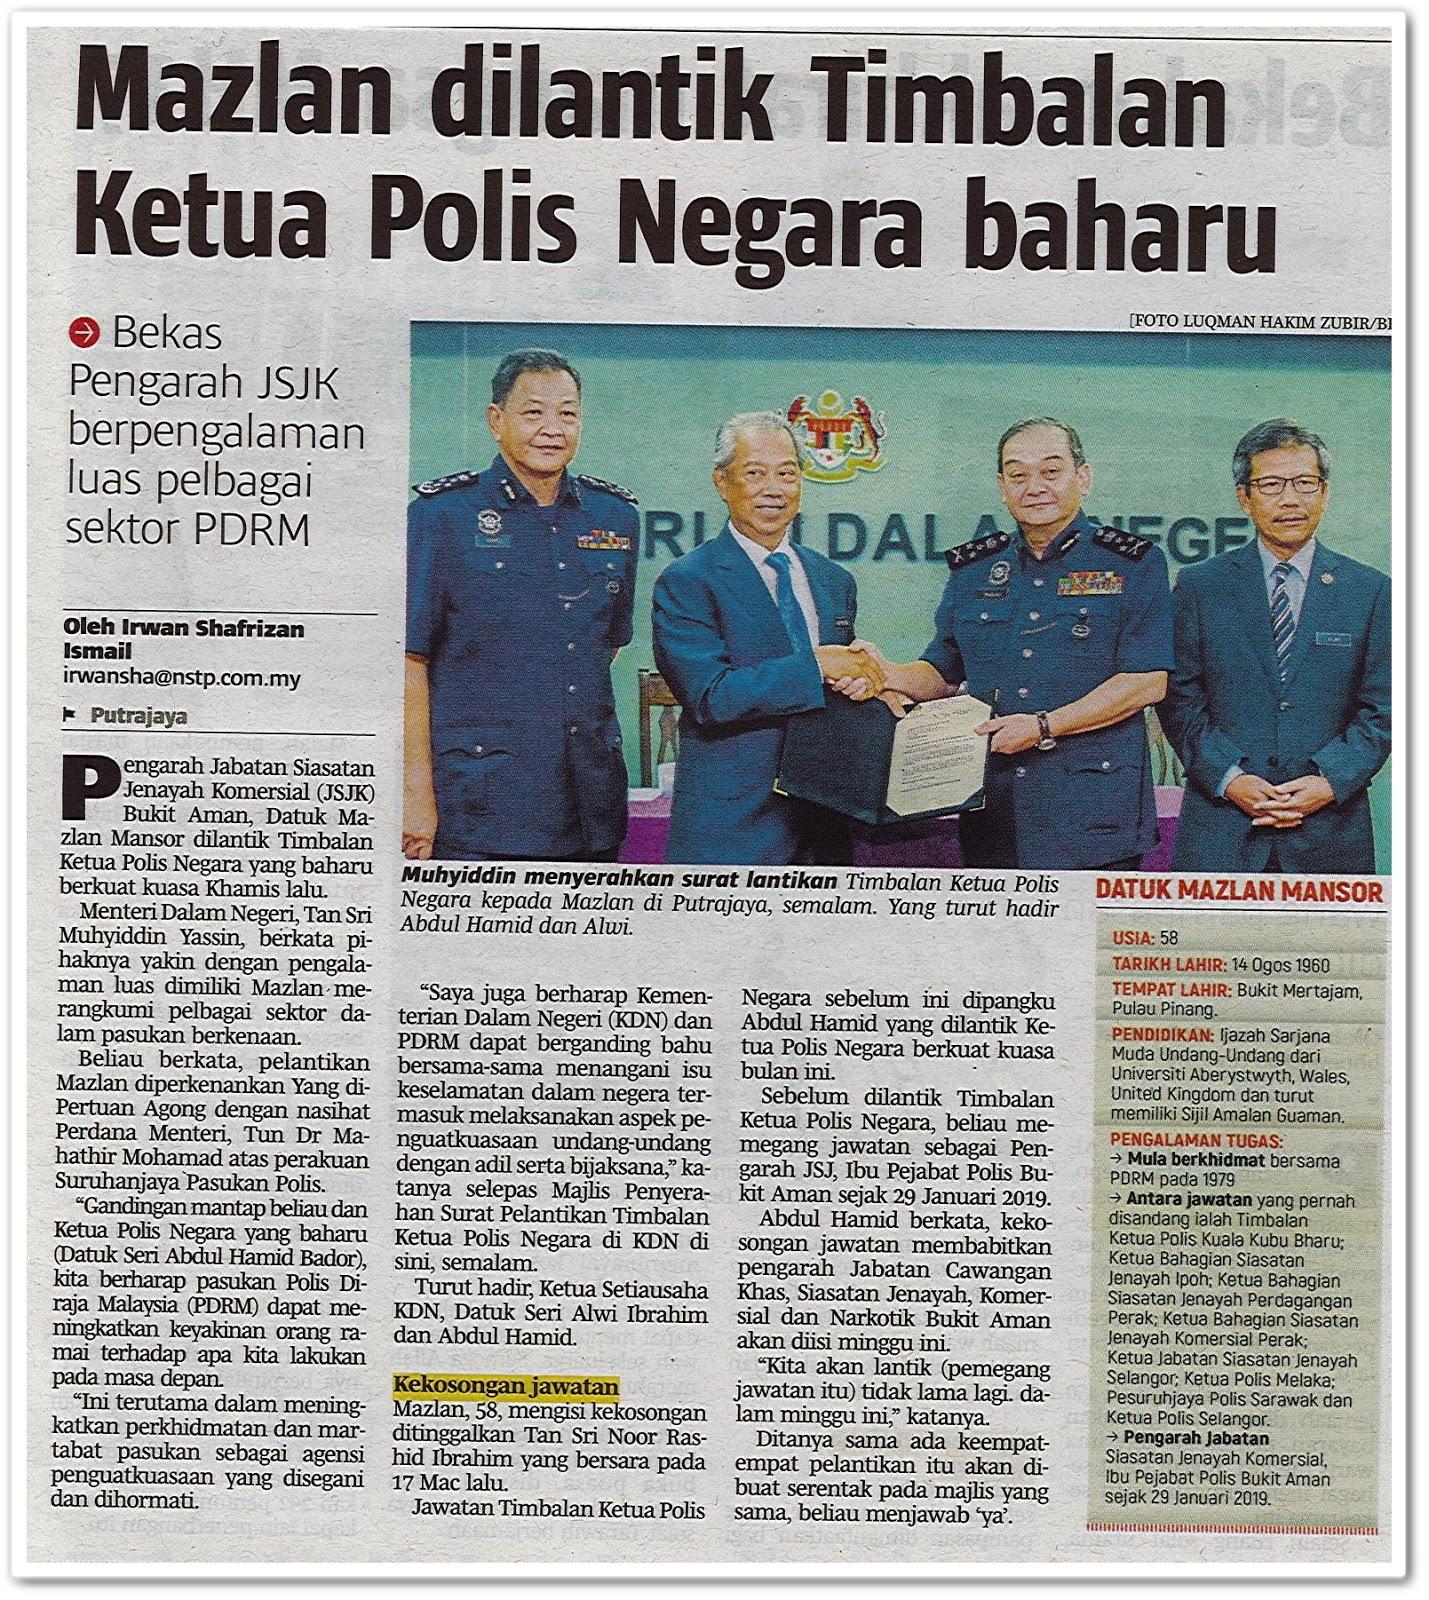 Mazlan dilantik Timbalan Ketua Polis Negara baharu -Keratan akhbar Berita Harian 14 Mei 2019